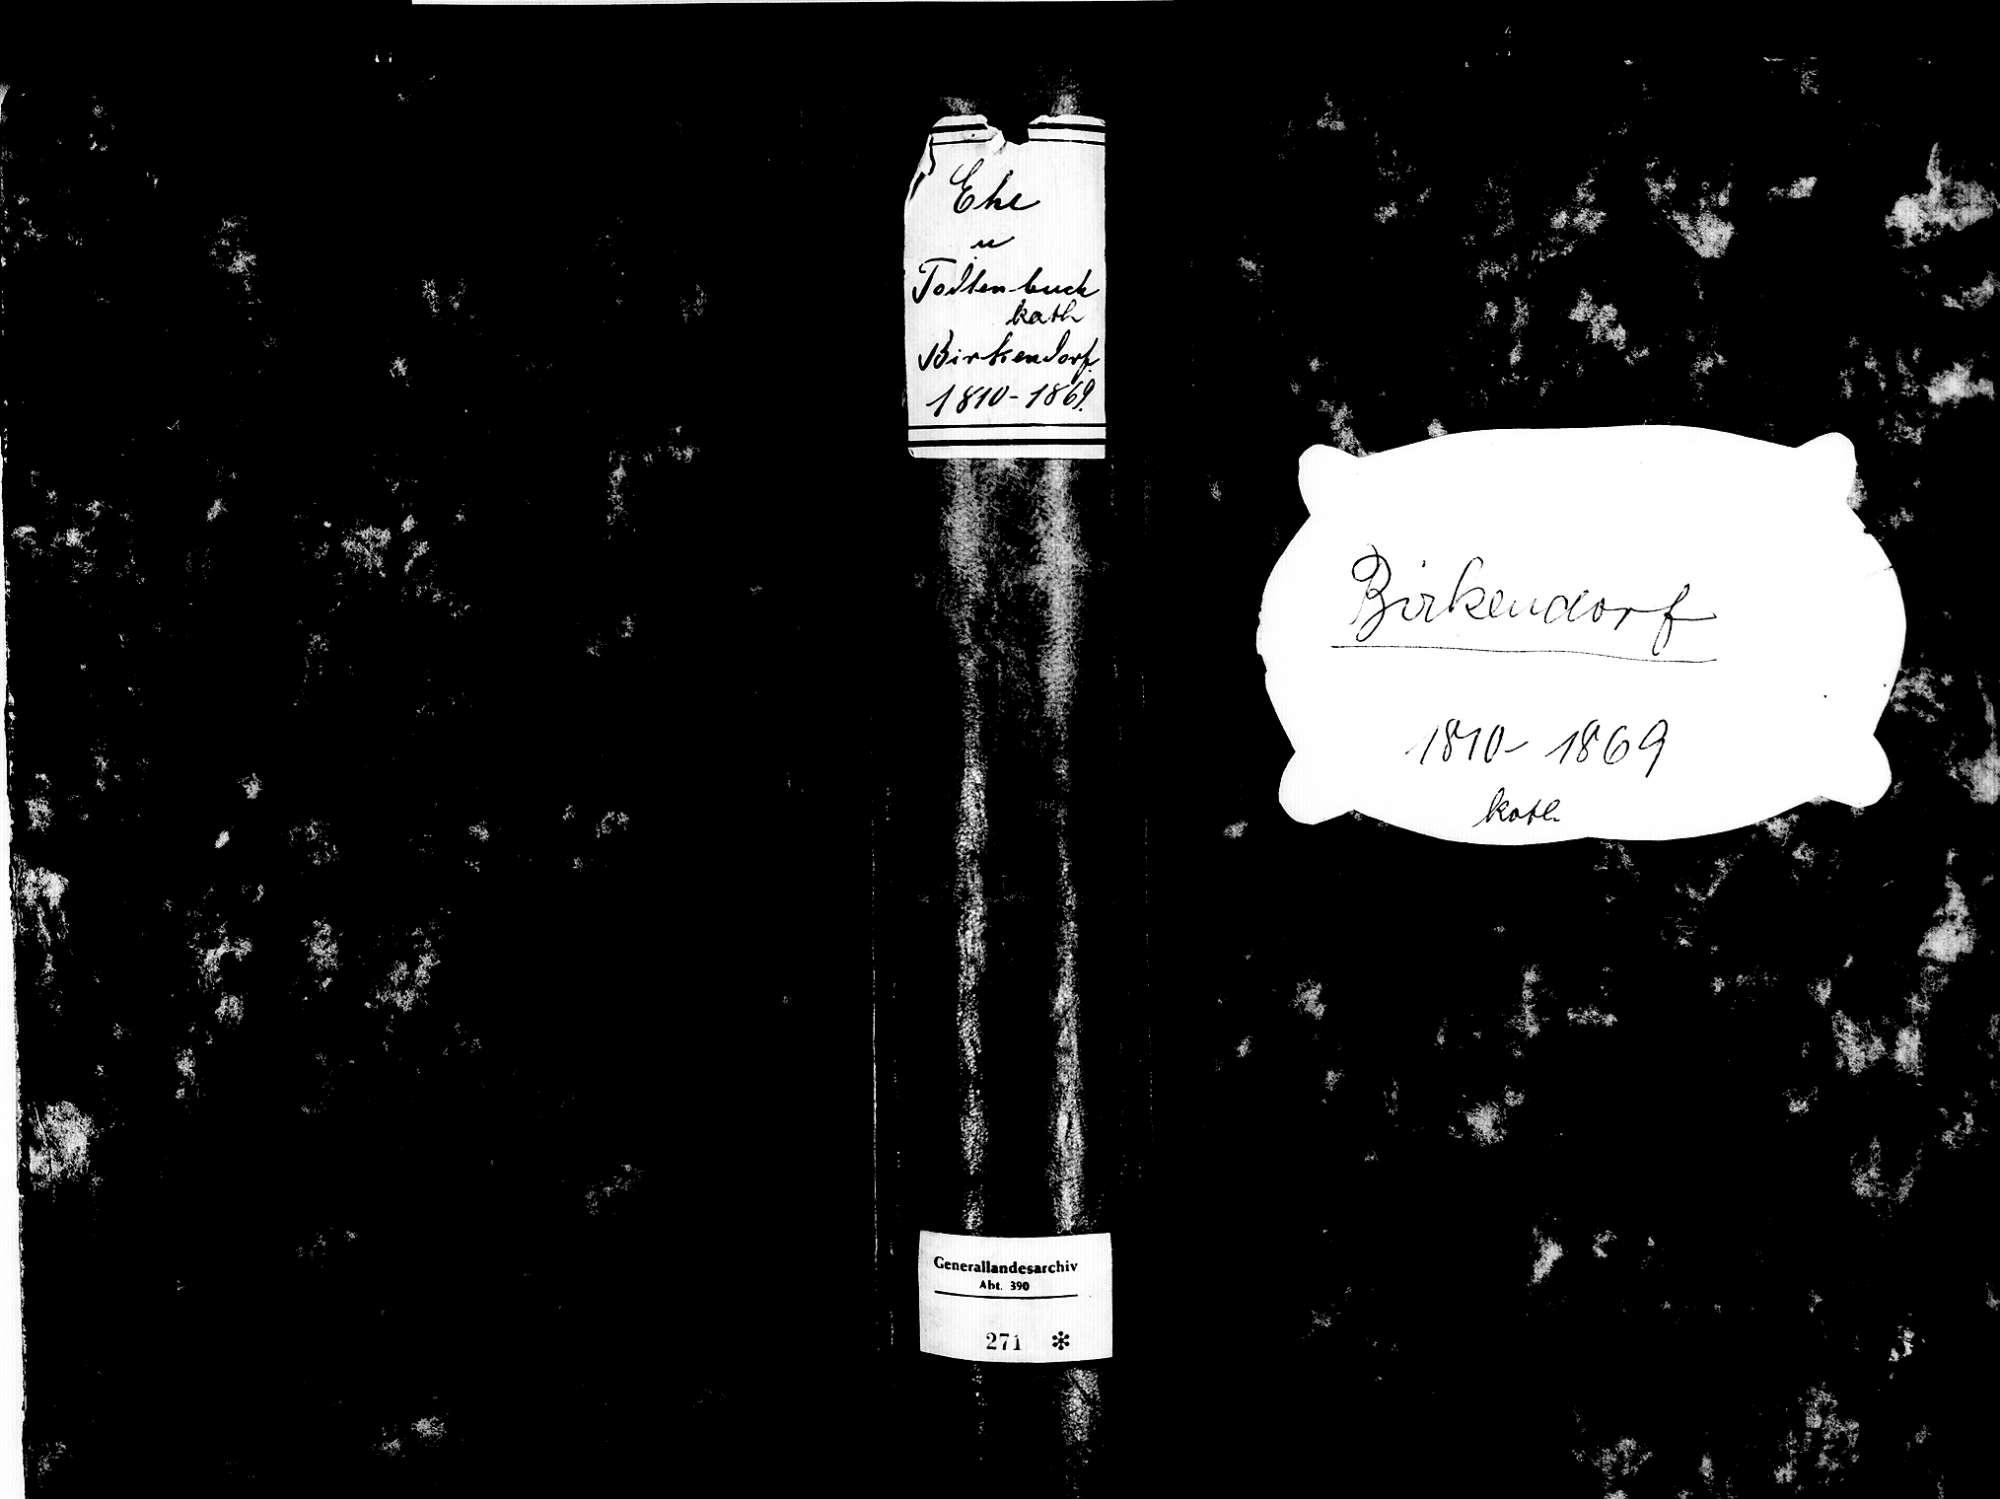 Birkendorf, Ühlingen-Birkendorf WT; Katholische Gemeinde: Heirats- und Sterbebuch 1810-1869, Bild 1